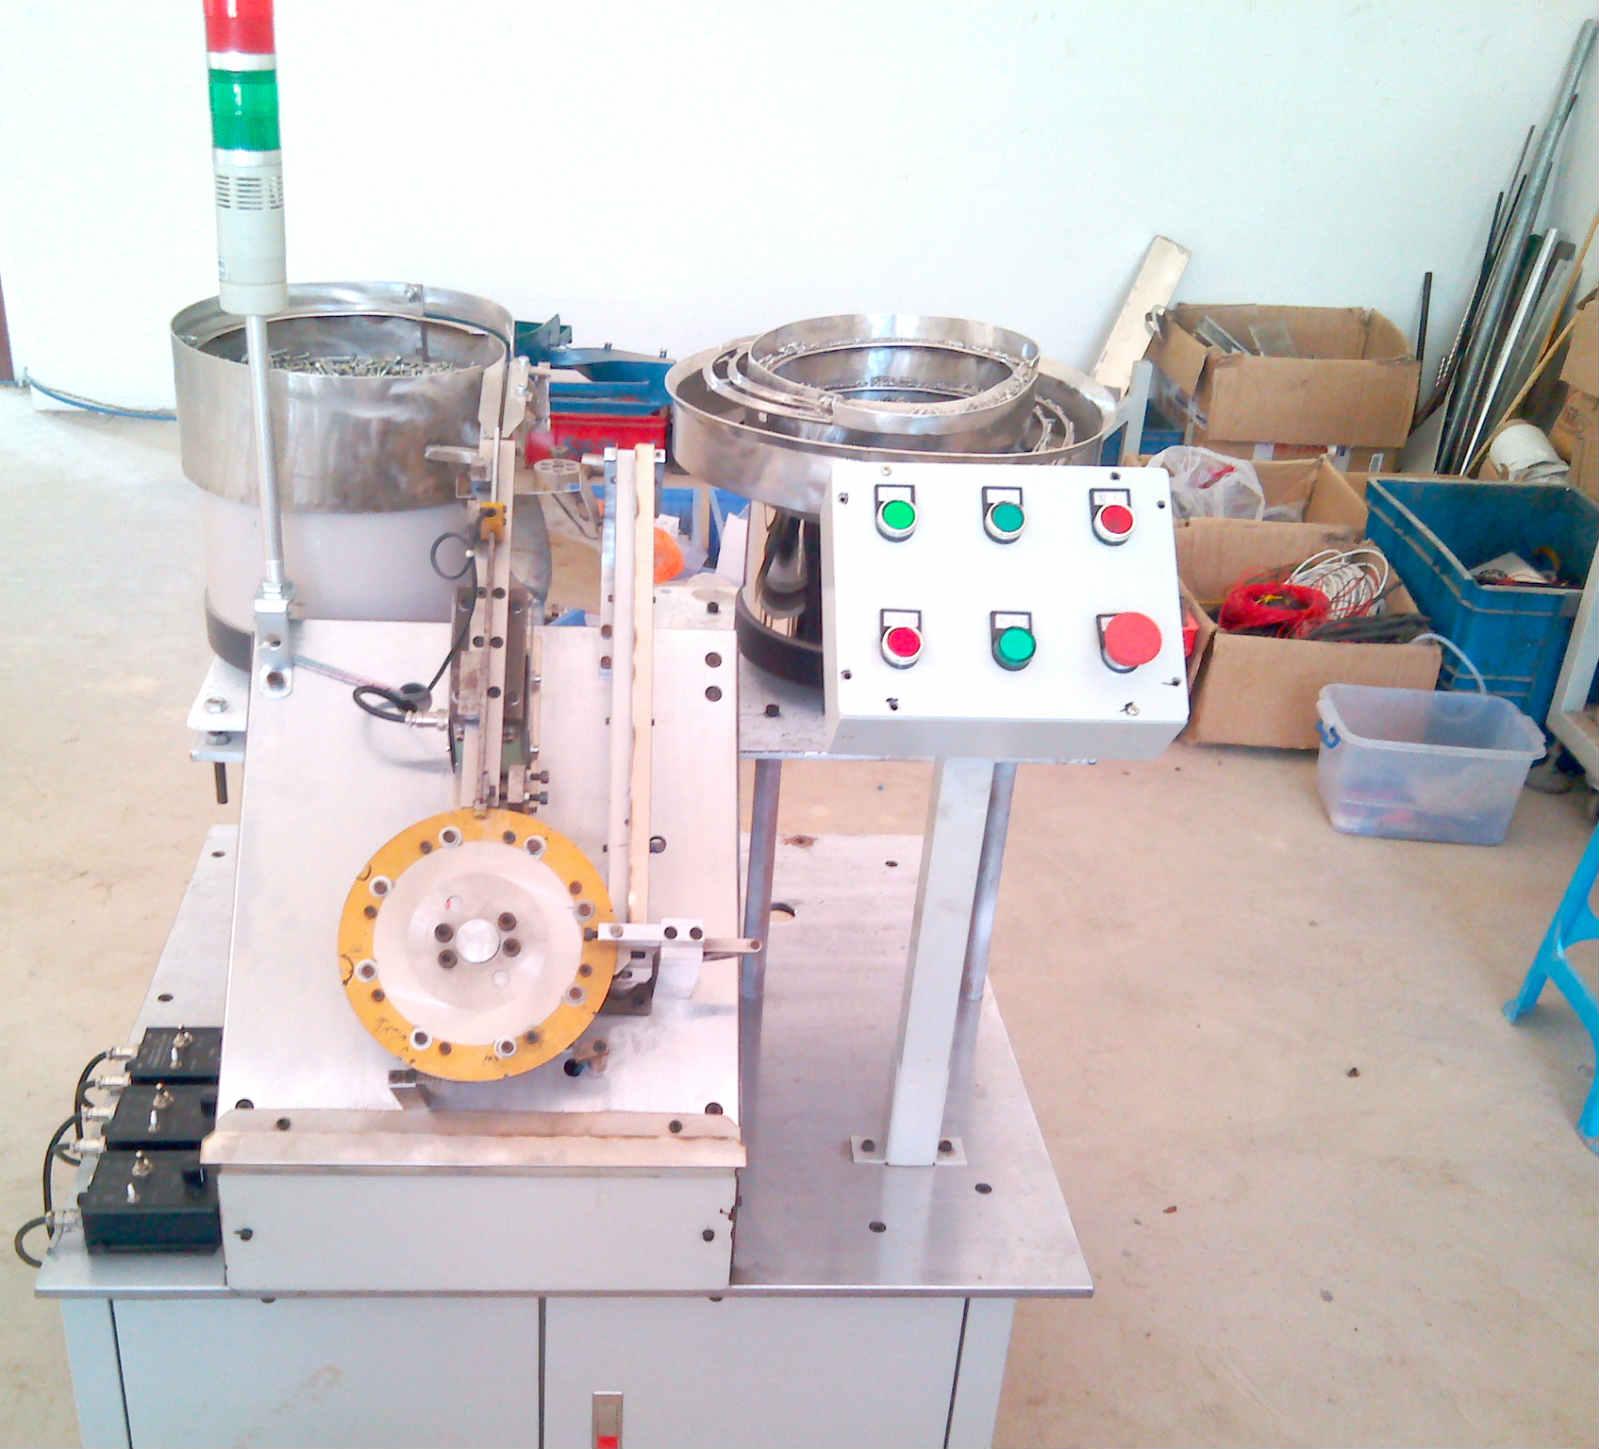 宁海自动化设备-飞帆自动化供应厂家直销的非标自动化设备